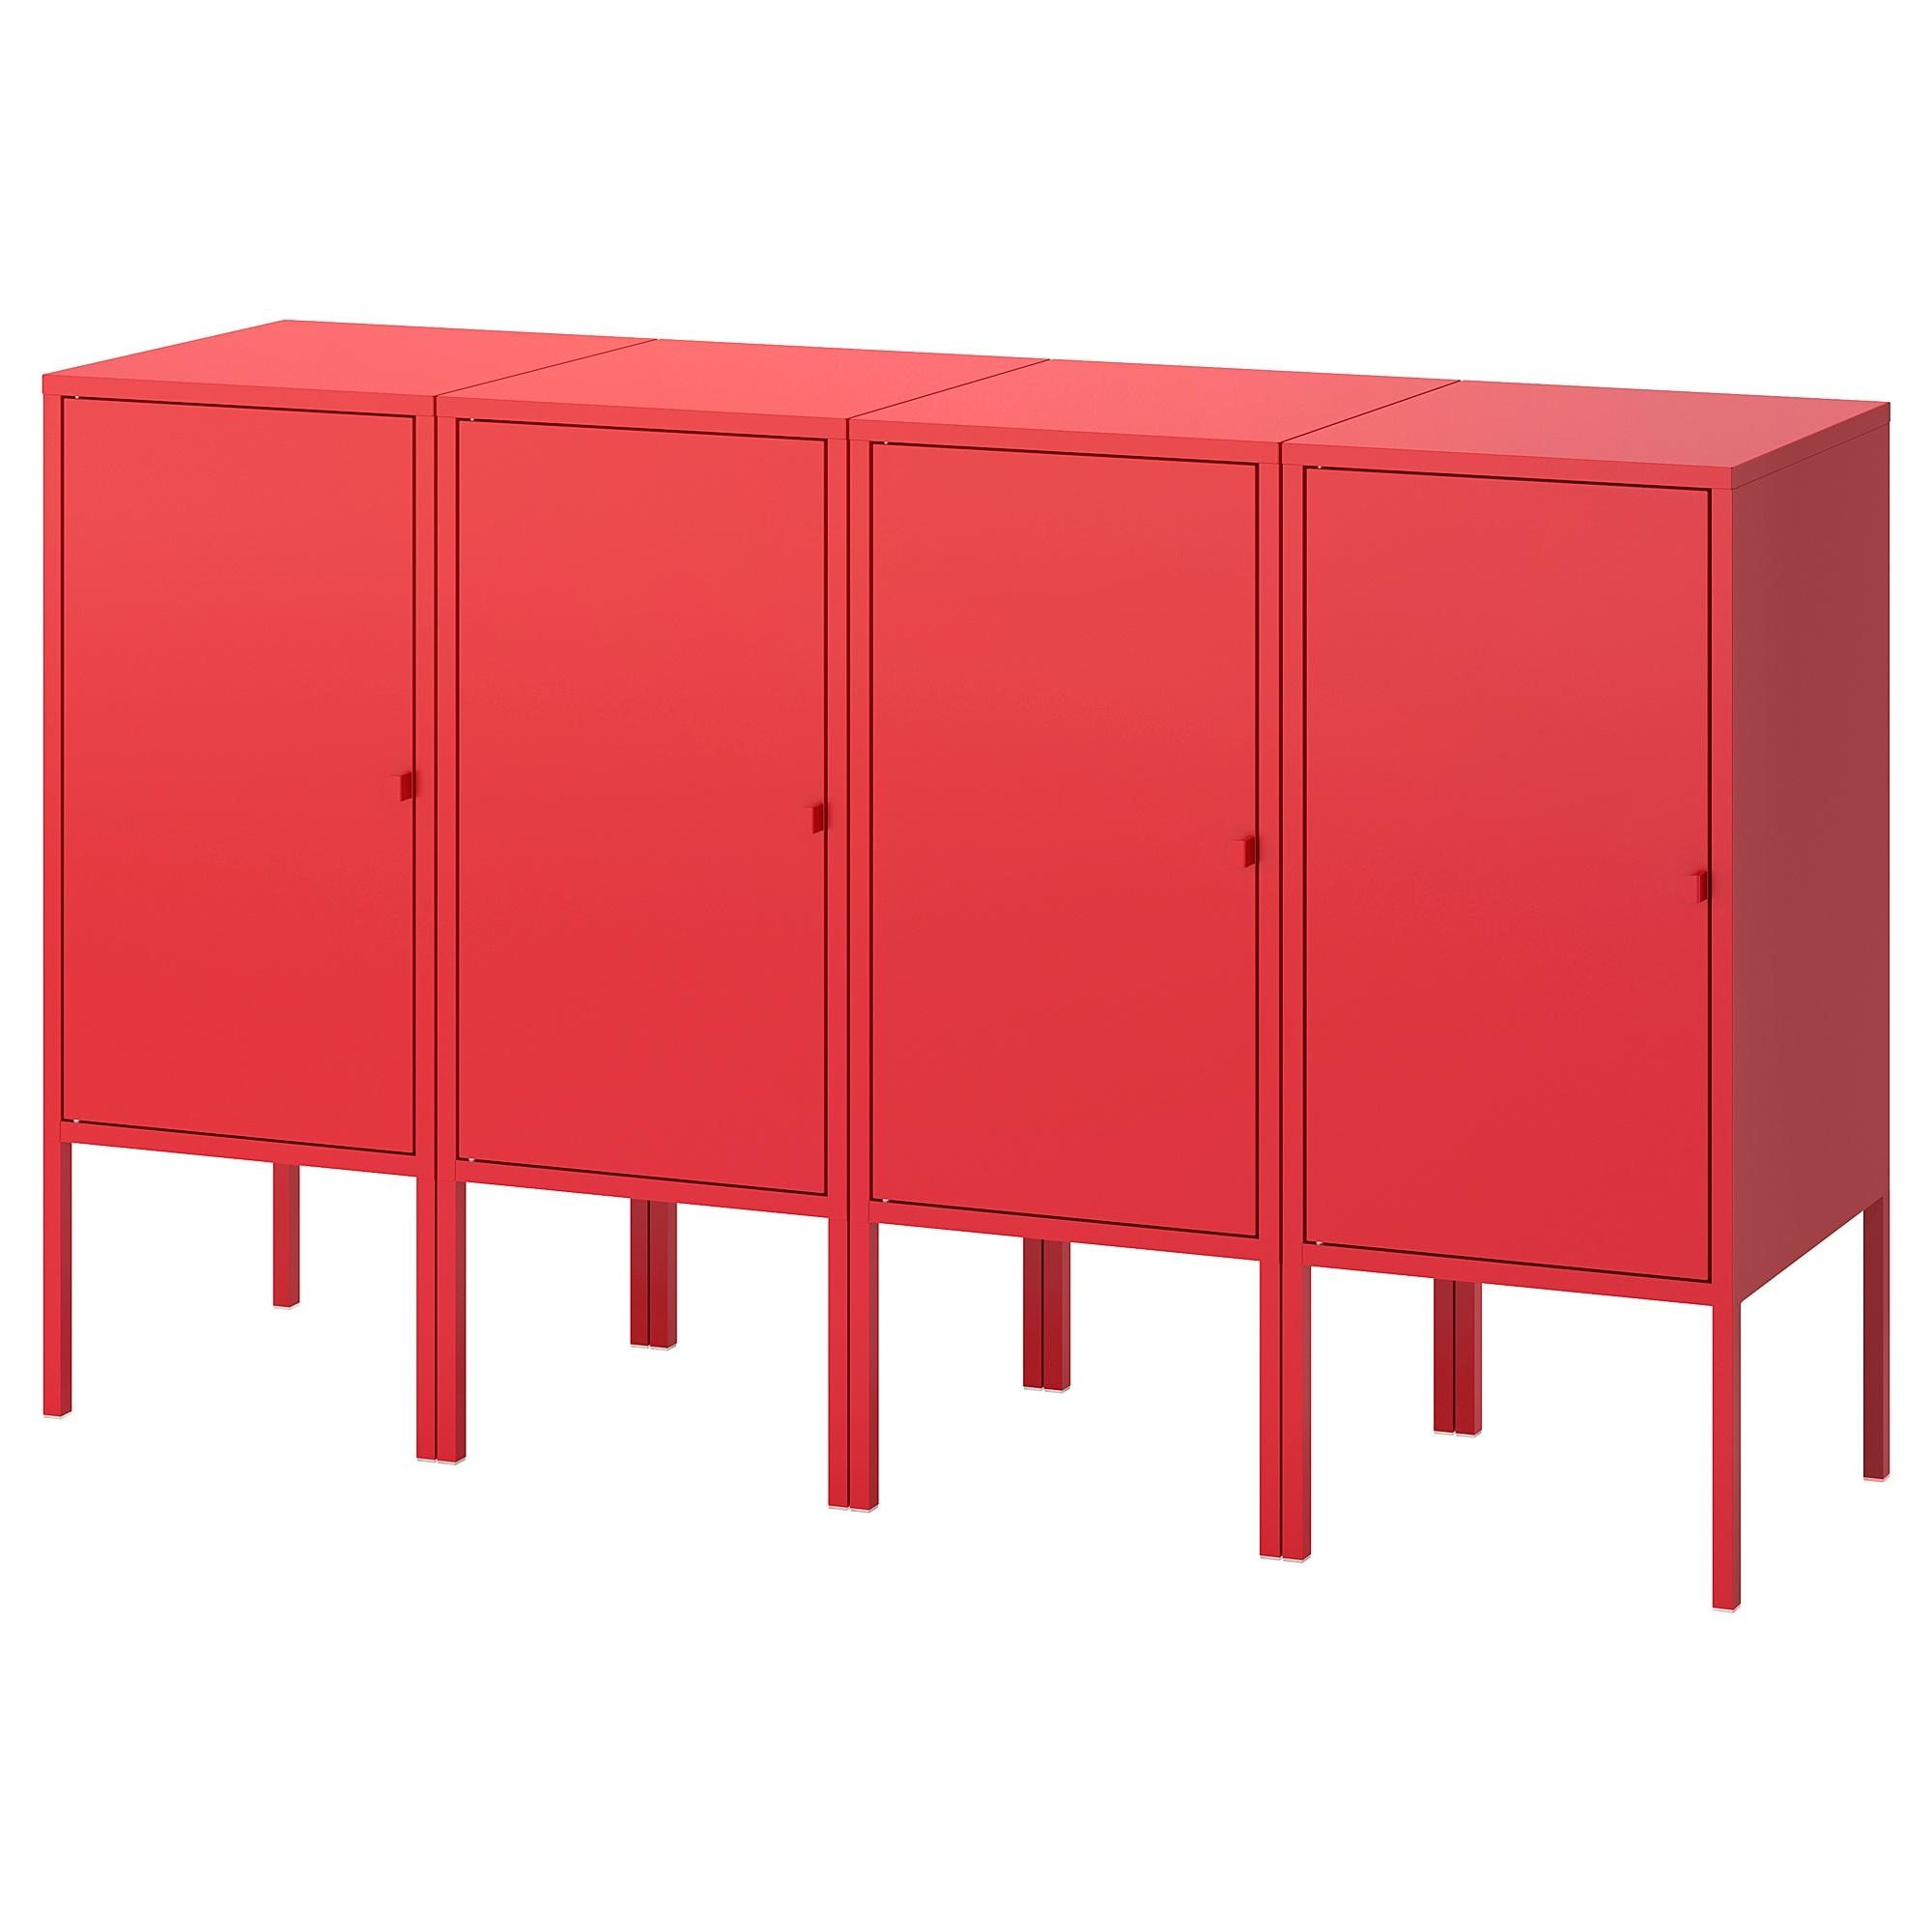 Ikea Lithuania - Įsigyti Baldų, Šviestuvų, Interjero Dekoracijų Ir with regard to Koip 6 Door Sideboards (Image 16 of 30)